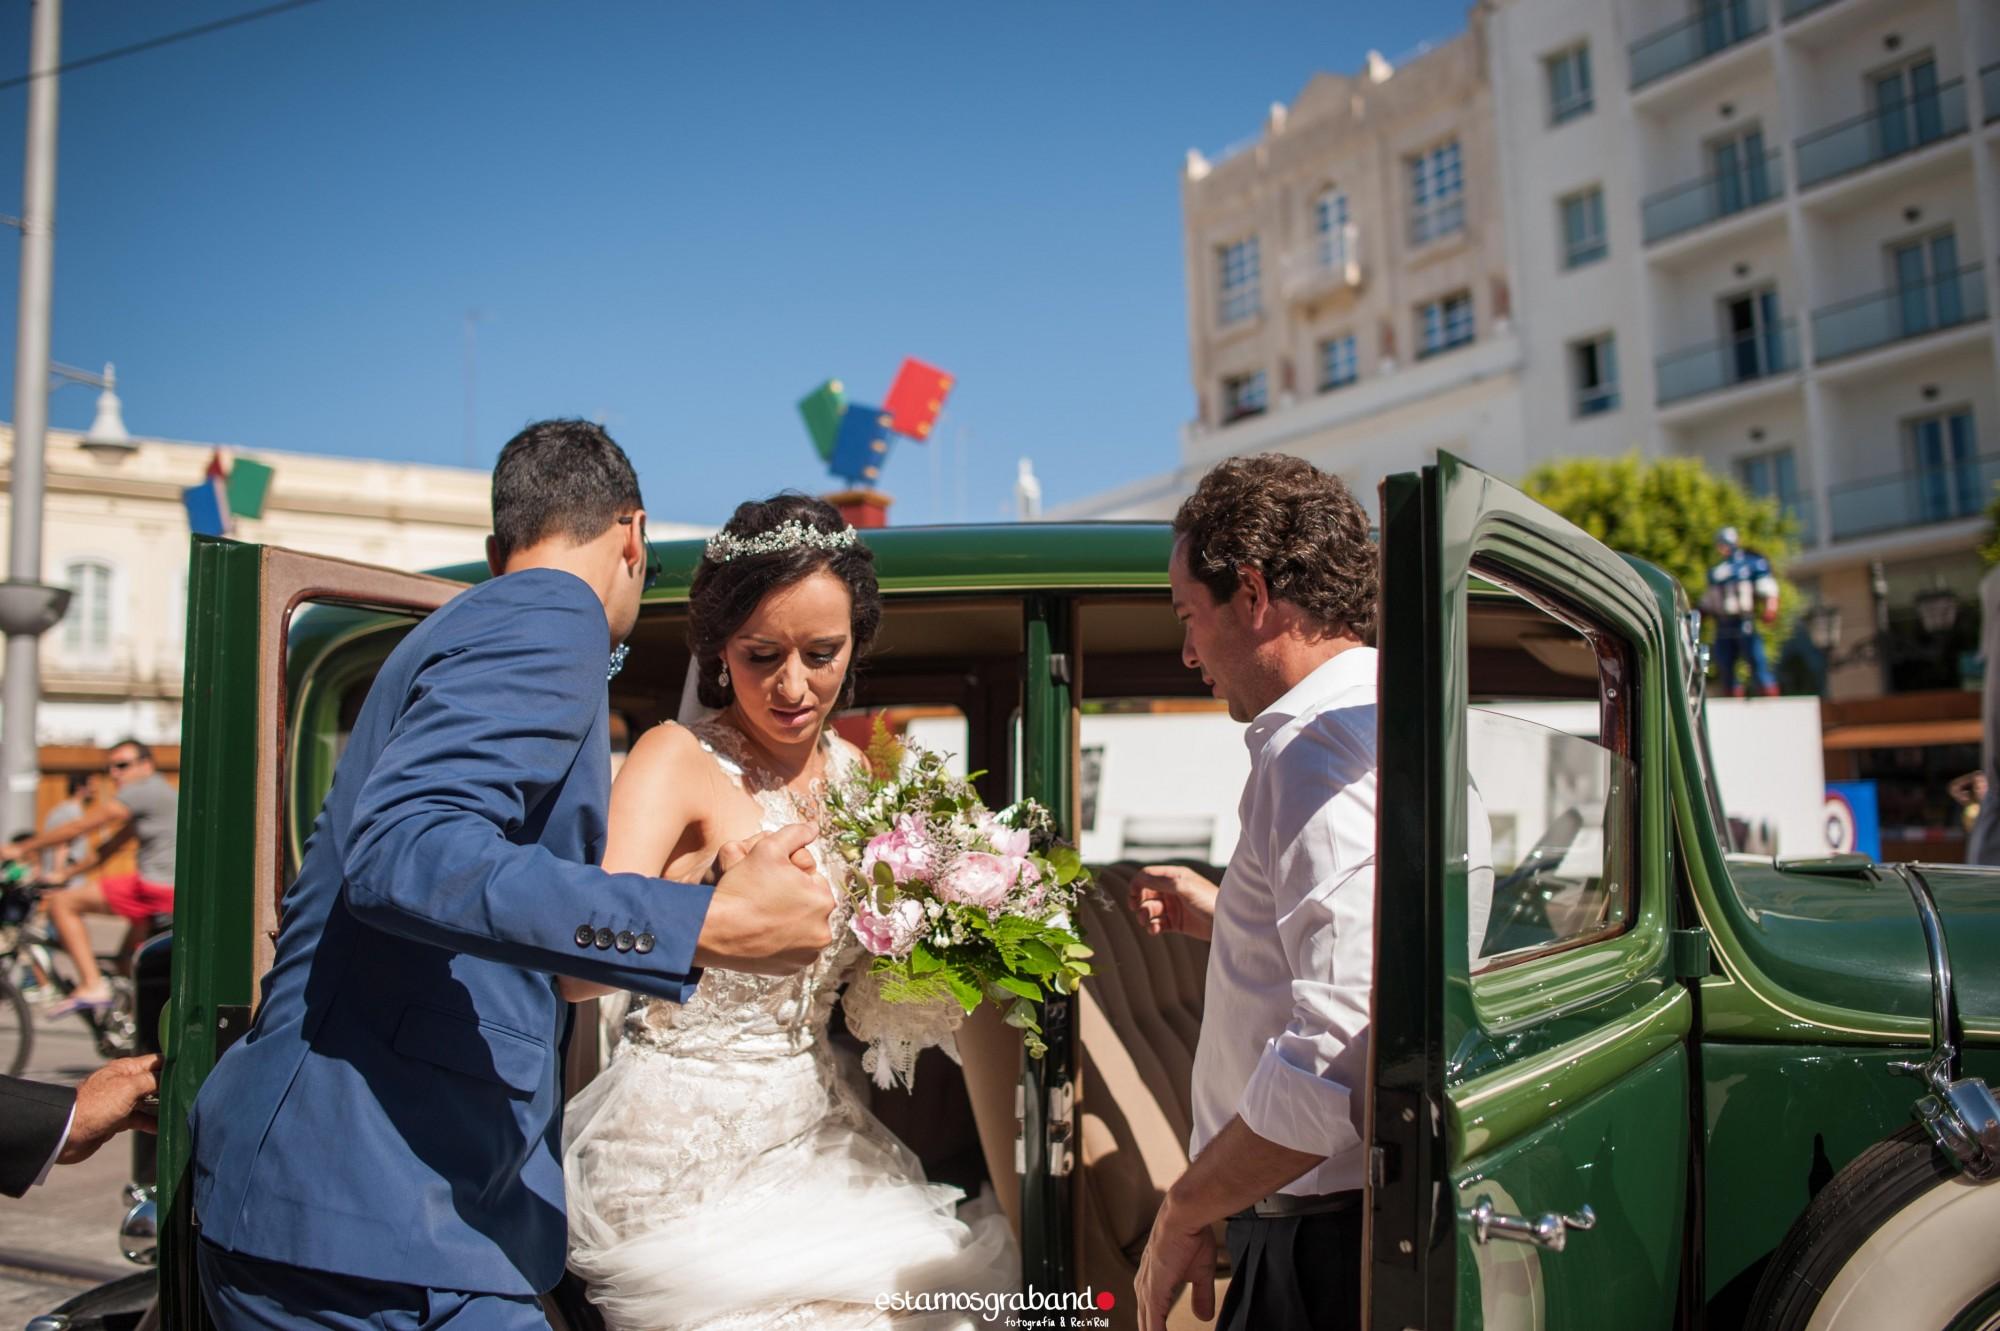 Sonia-y-Dani-177-de-517 Sonia & Dani - video boda cadiz